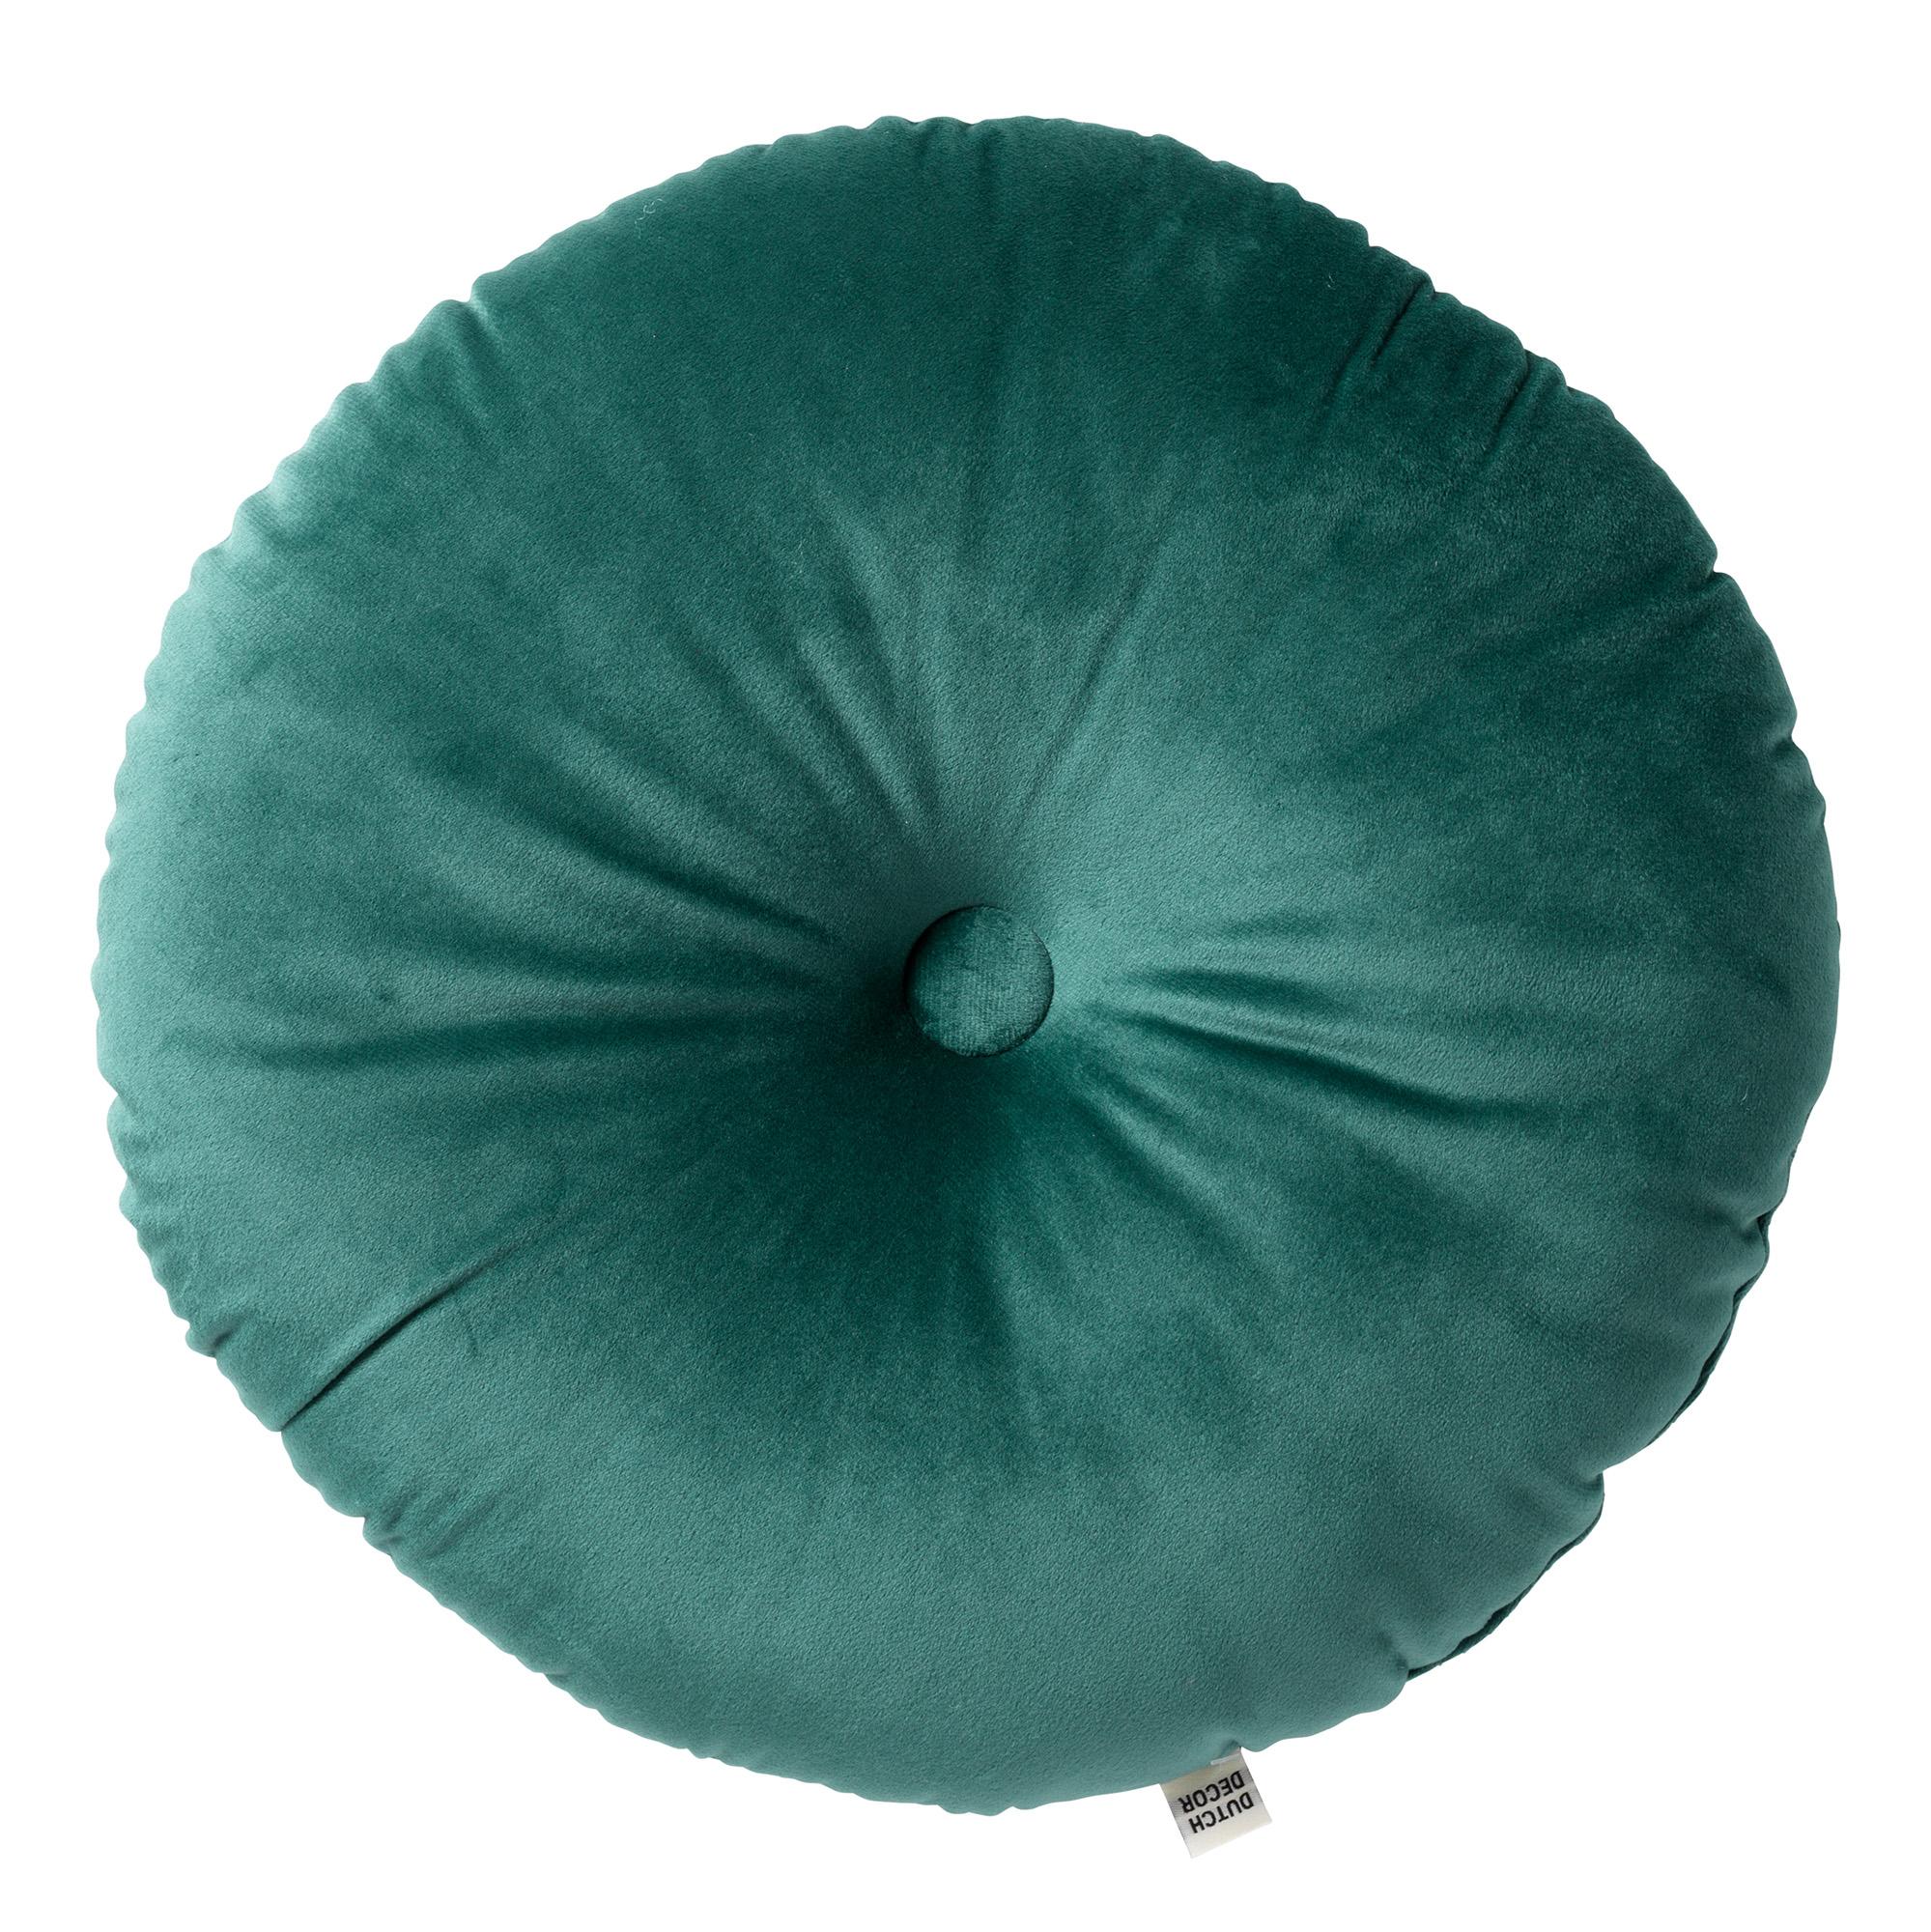 OLLY - Sierkussen rond velvet Sagebrush Green 40 cm